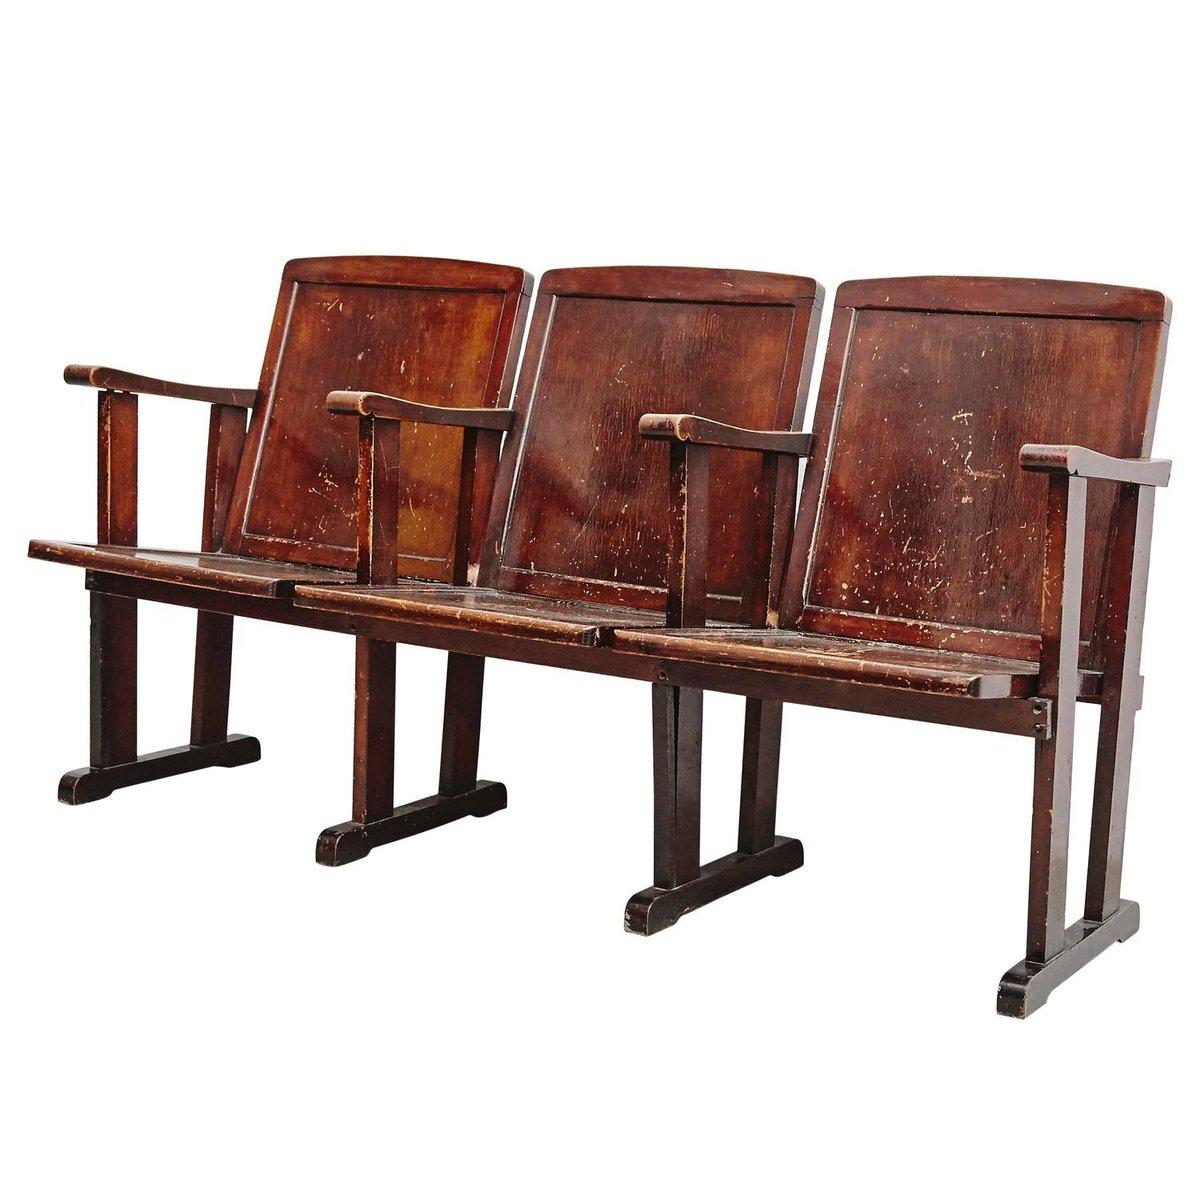 Drei-Sitzer Theater Sitzbank, 1920er